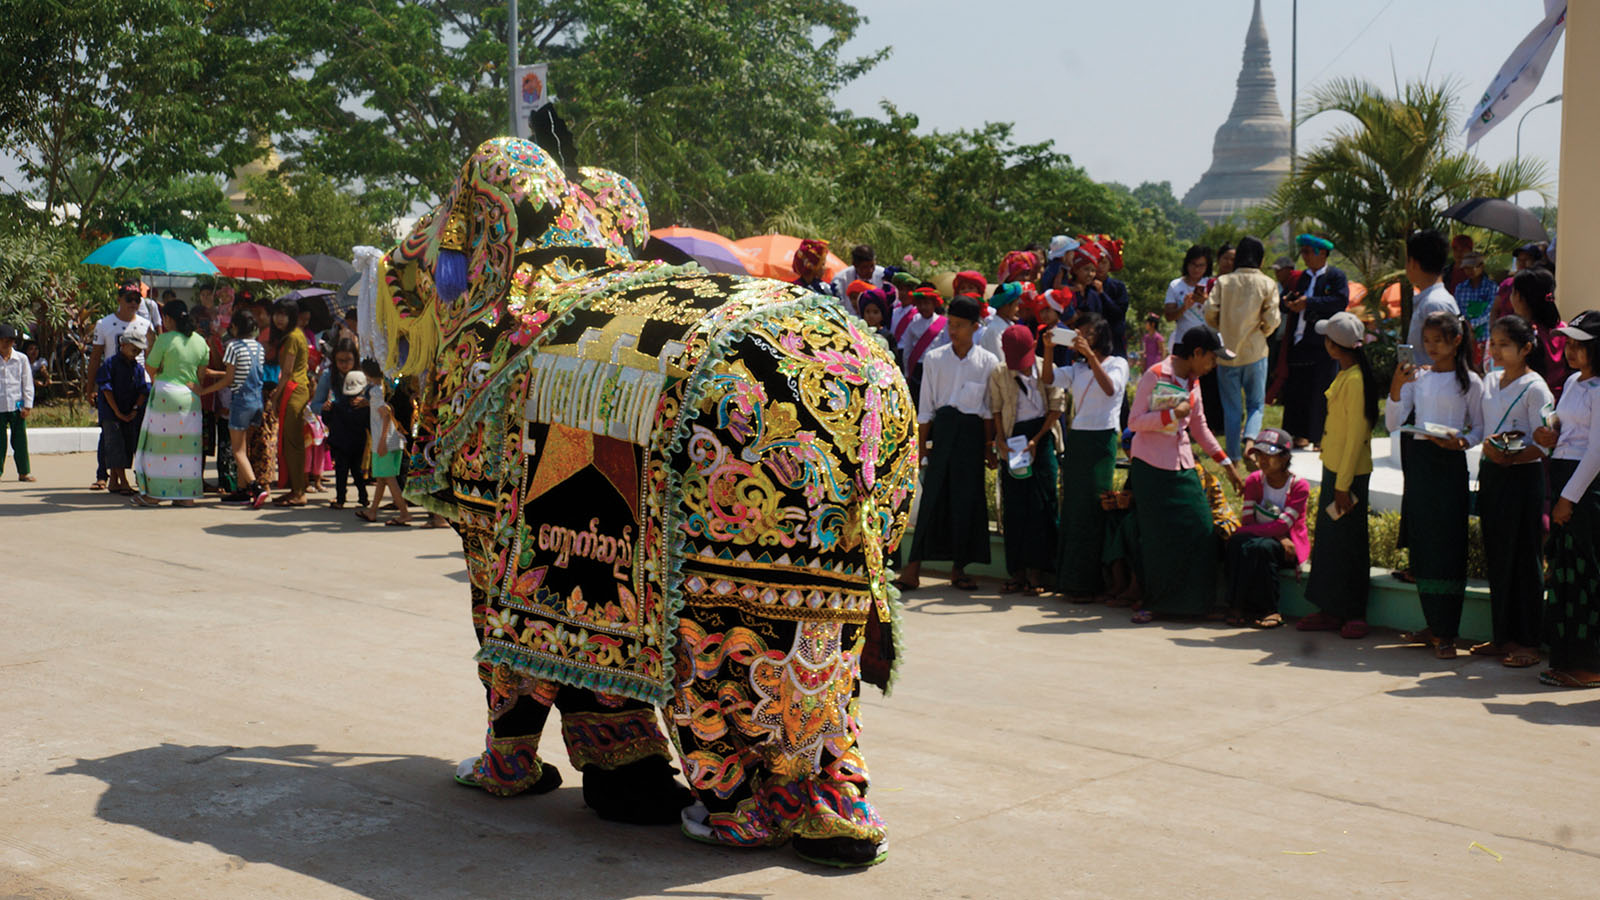 Kyaukse Elephant Dance seen at the festival.